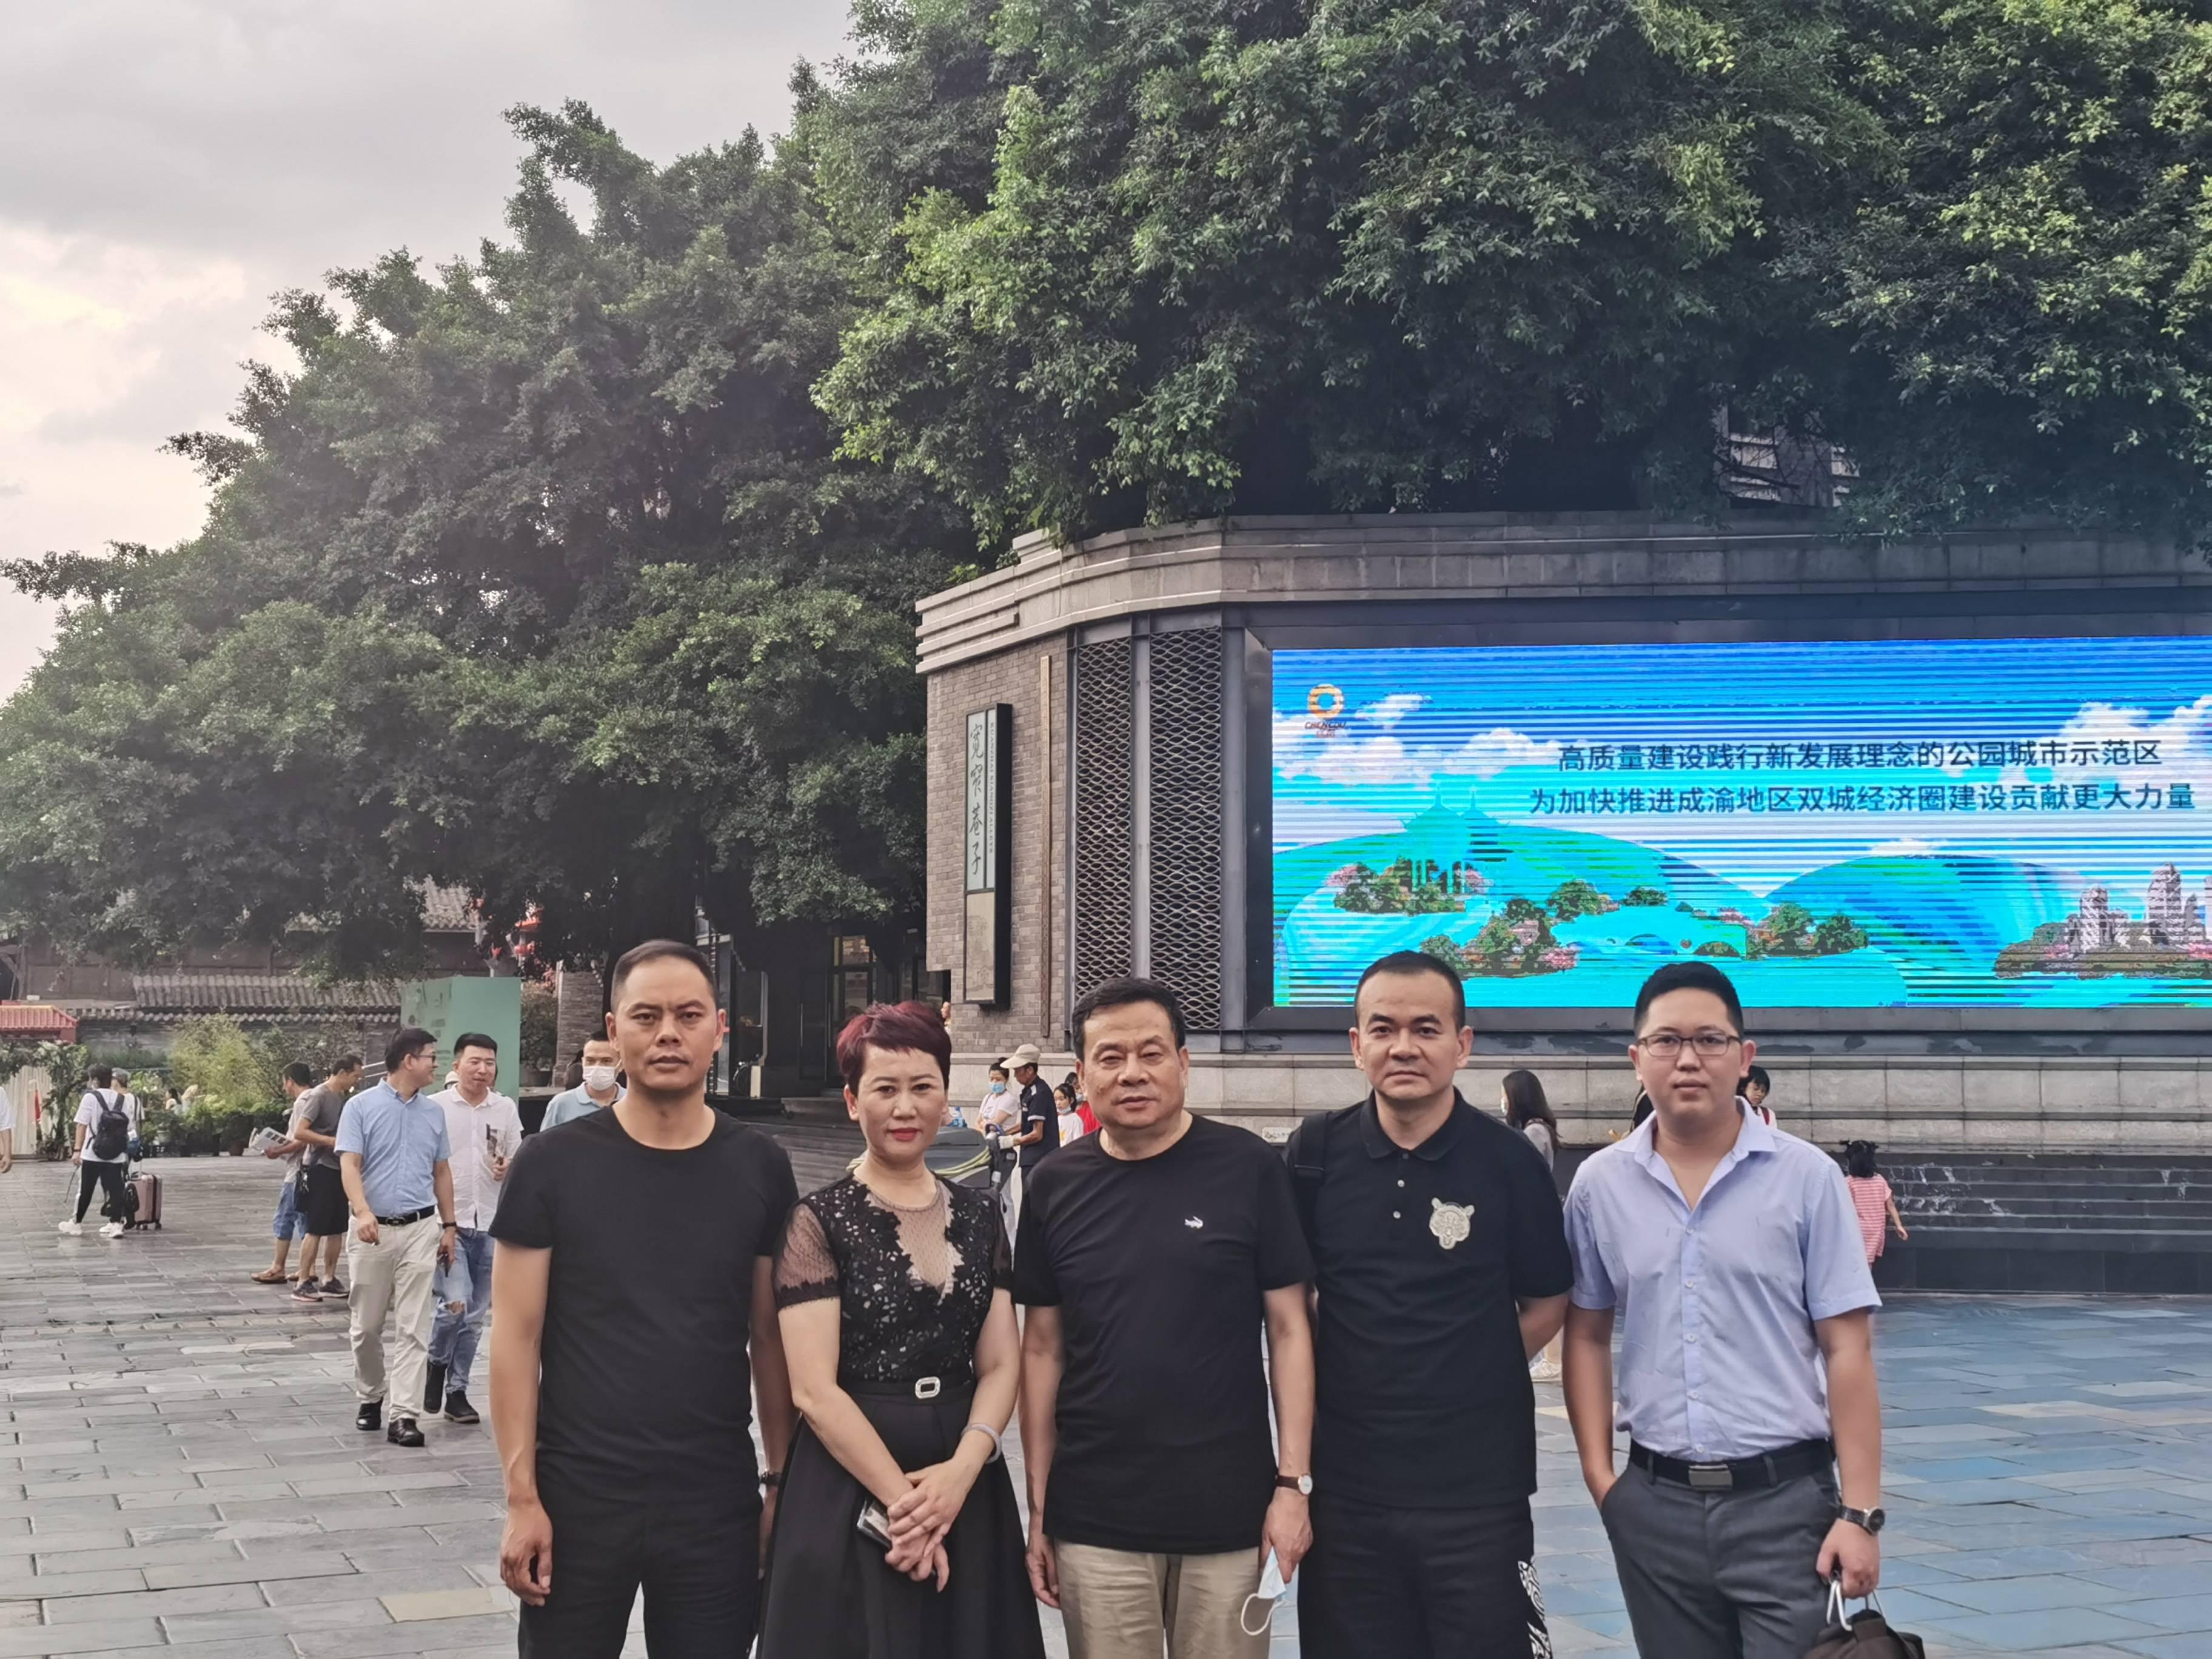 四川省文化品牌发展促进会会长刘广文一行走访瑞道广告考